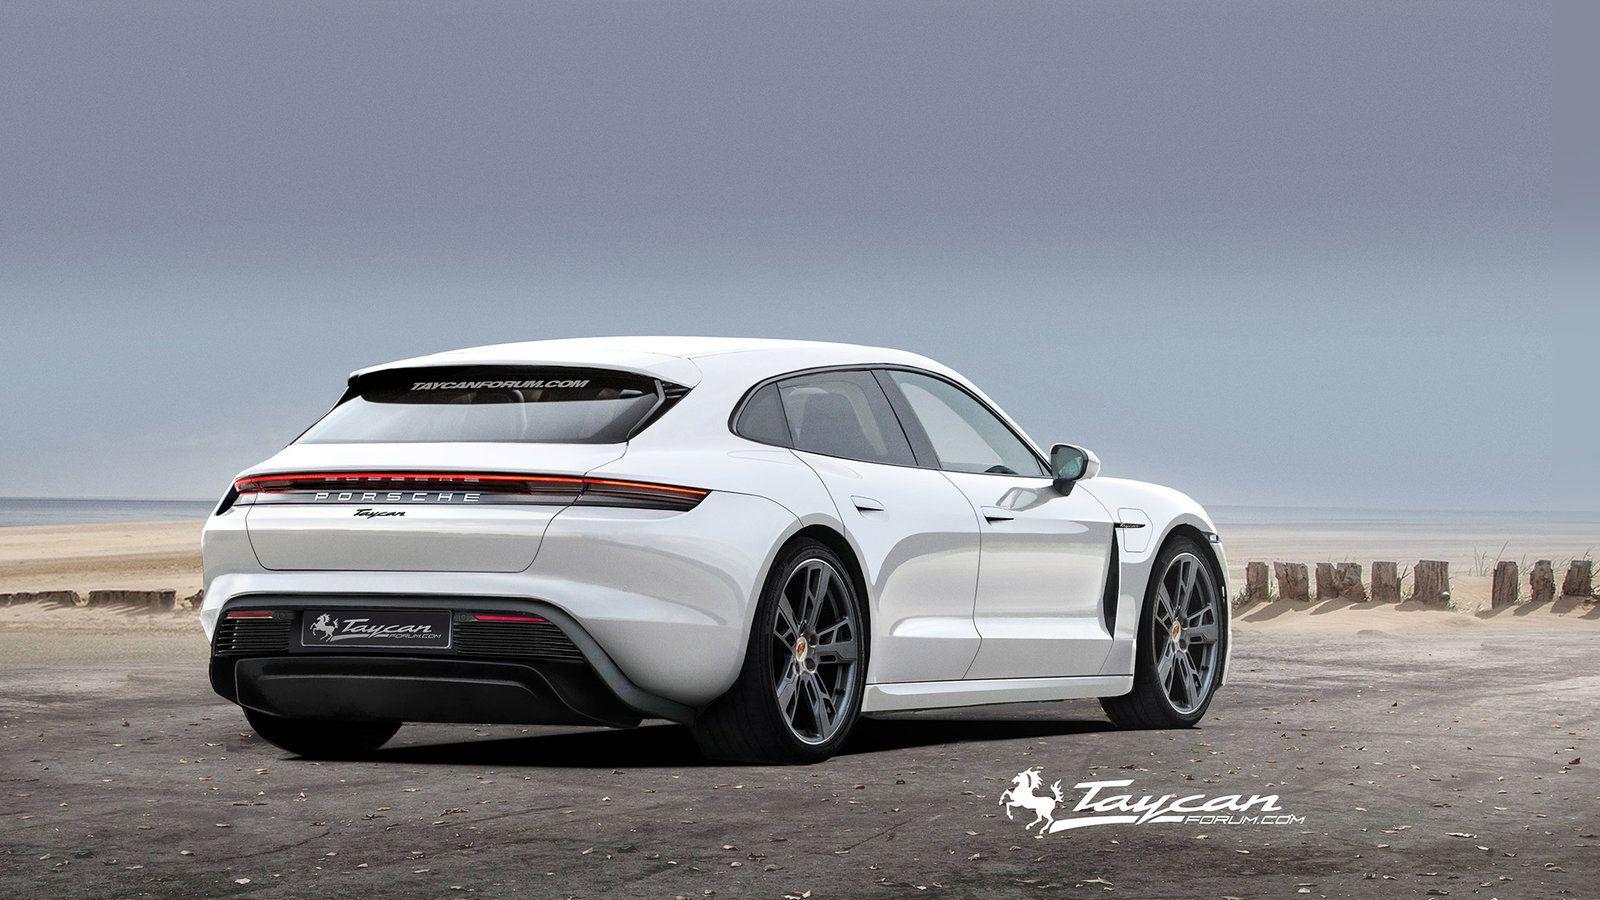 2020 Porsche Taycan - Luxury cars 2020 (2)